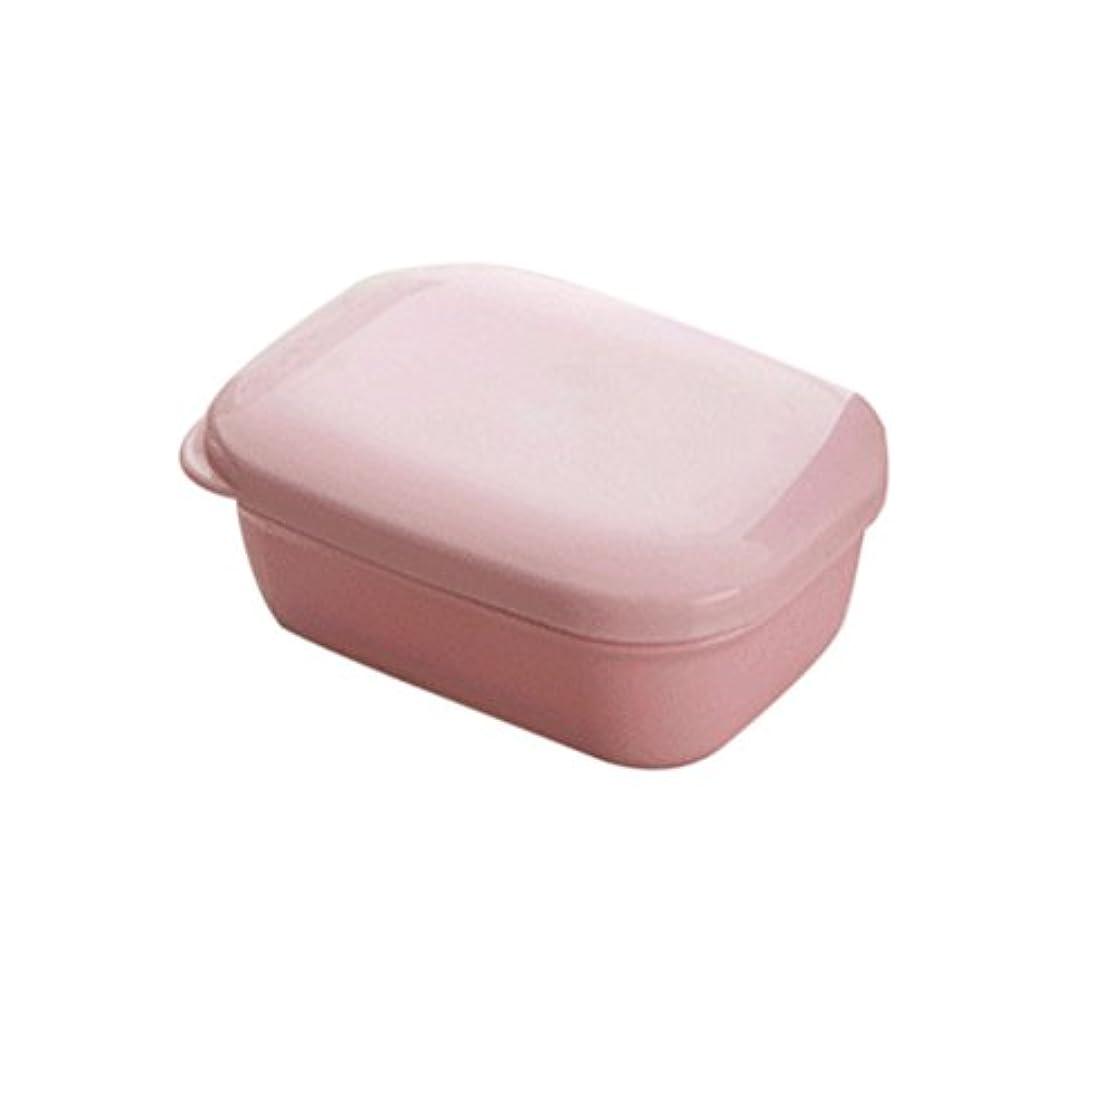 国勢調査日氷BESTOMZ 石鹸ケース 石鹸置き ソープディッシュ 旅行用 携帯 ふた付け(ピンク)